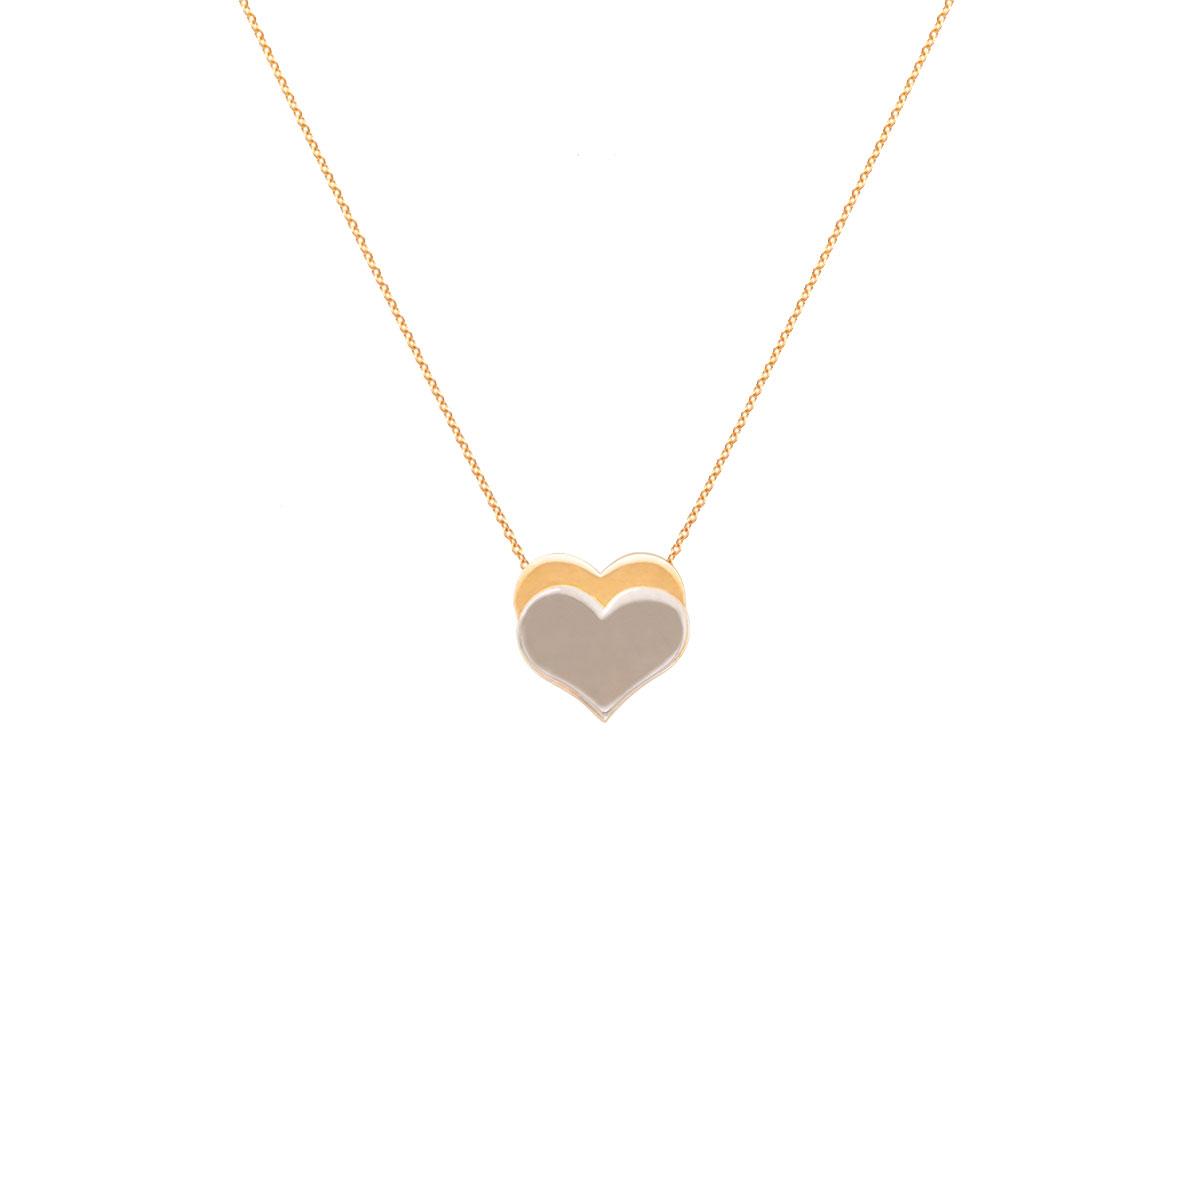 پرسته گردنبند طلا دو قلب